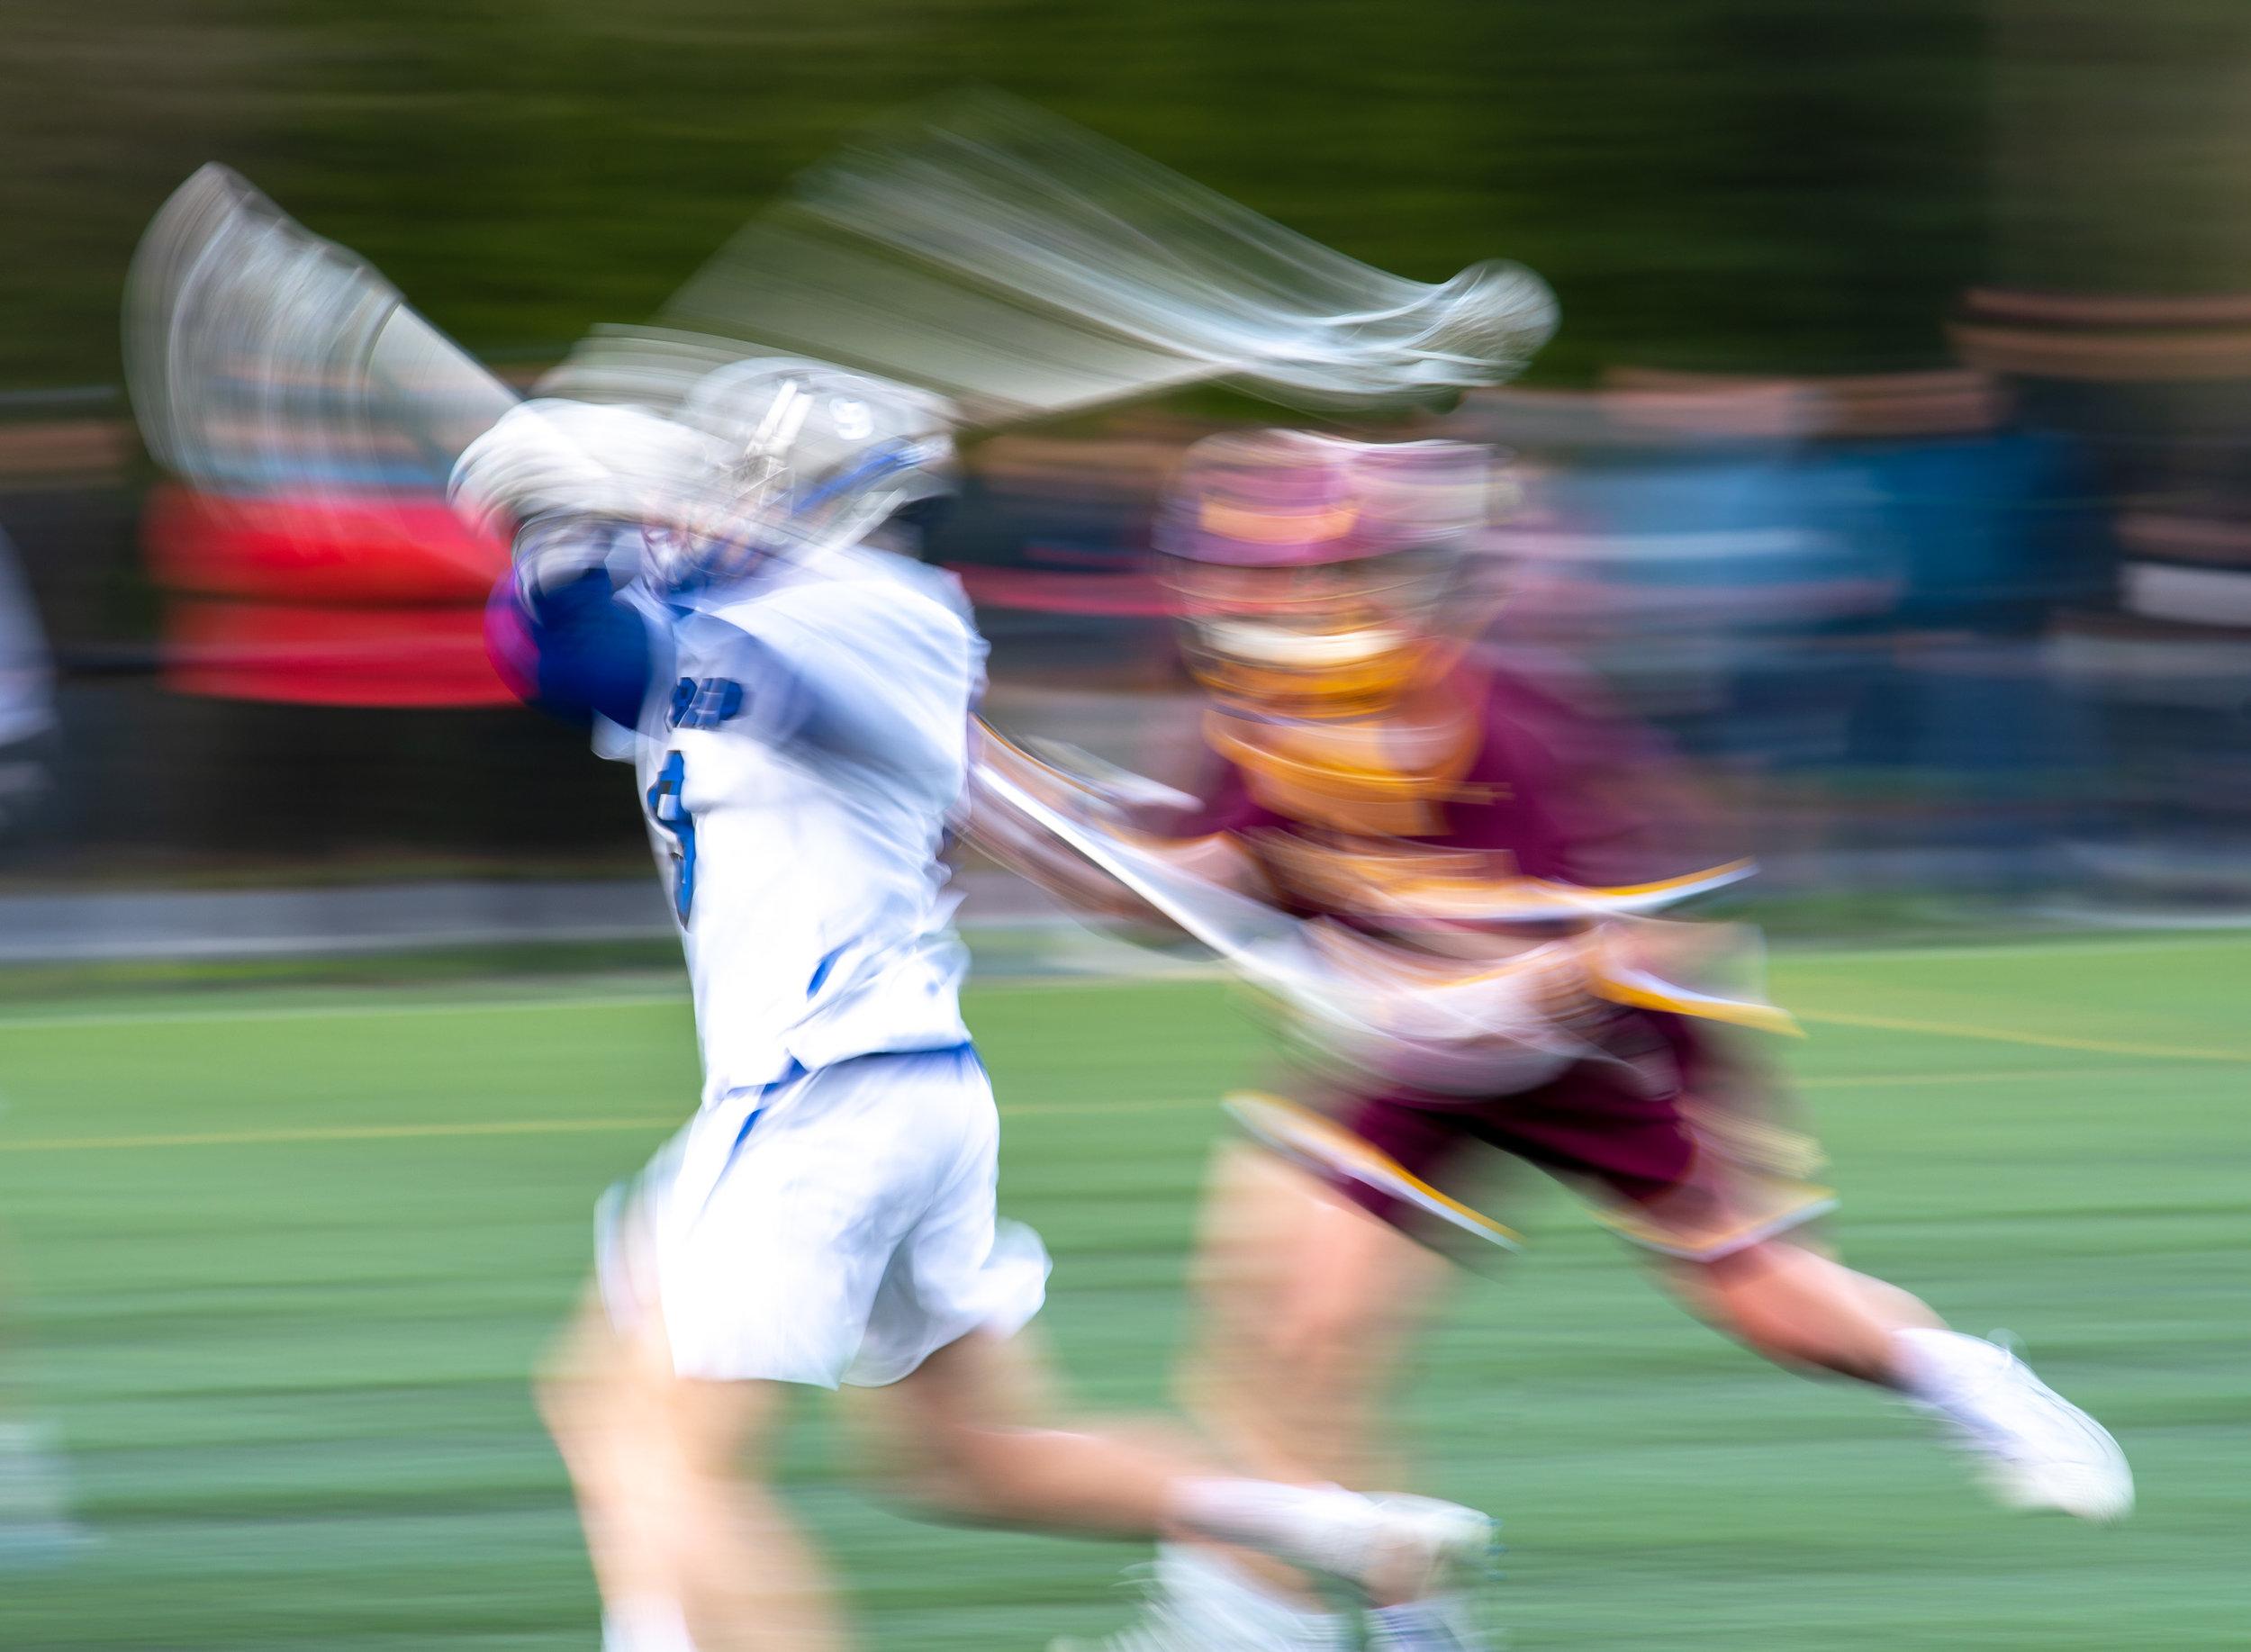 Lacrosse at 1/25 sec